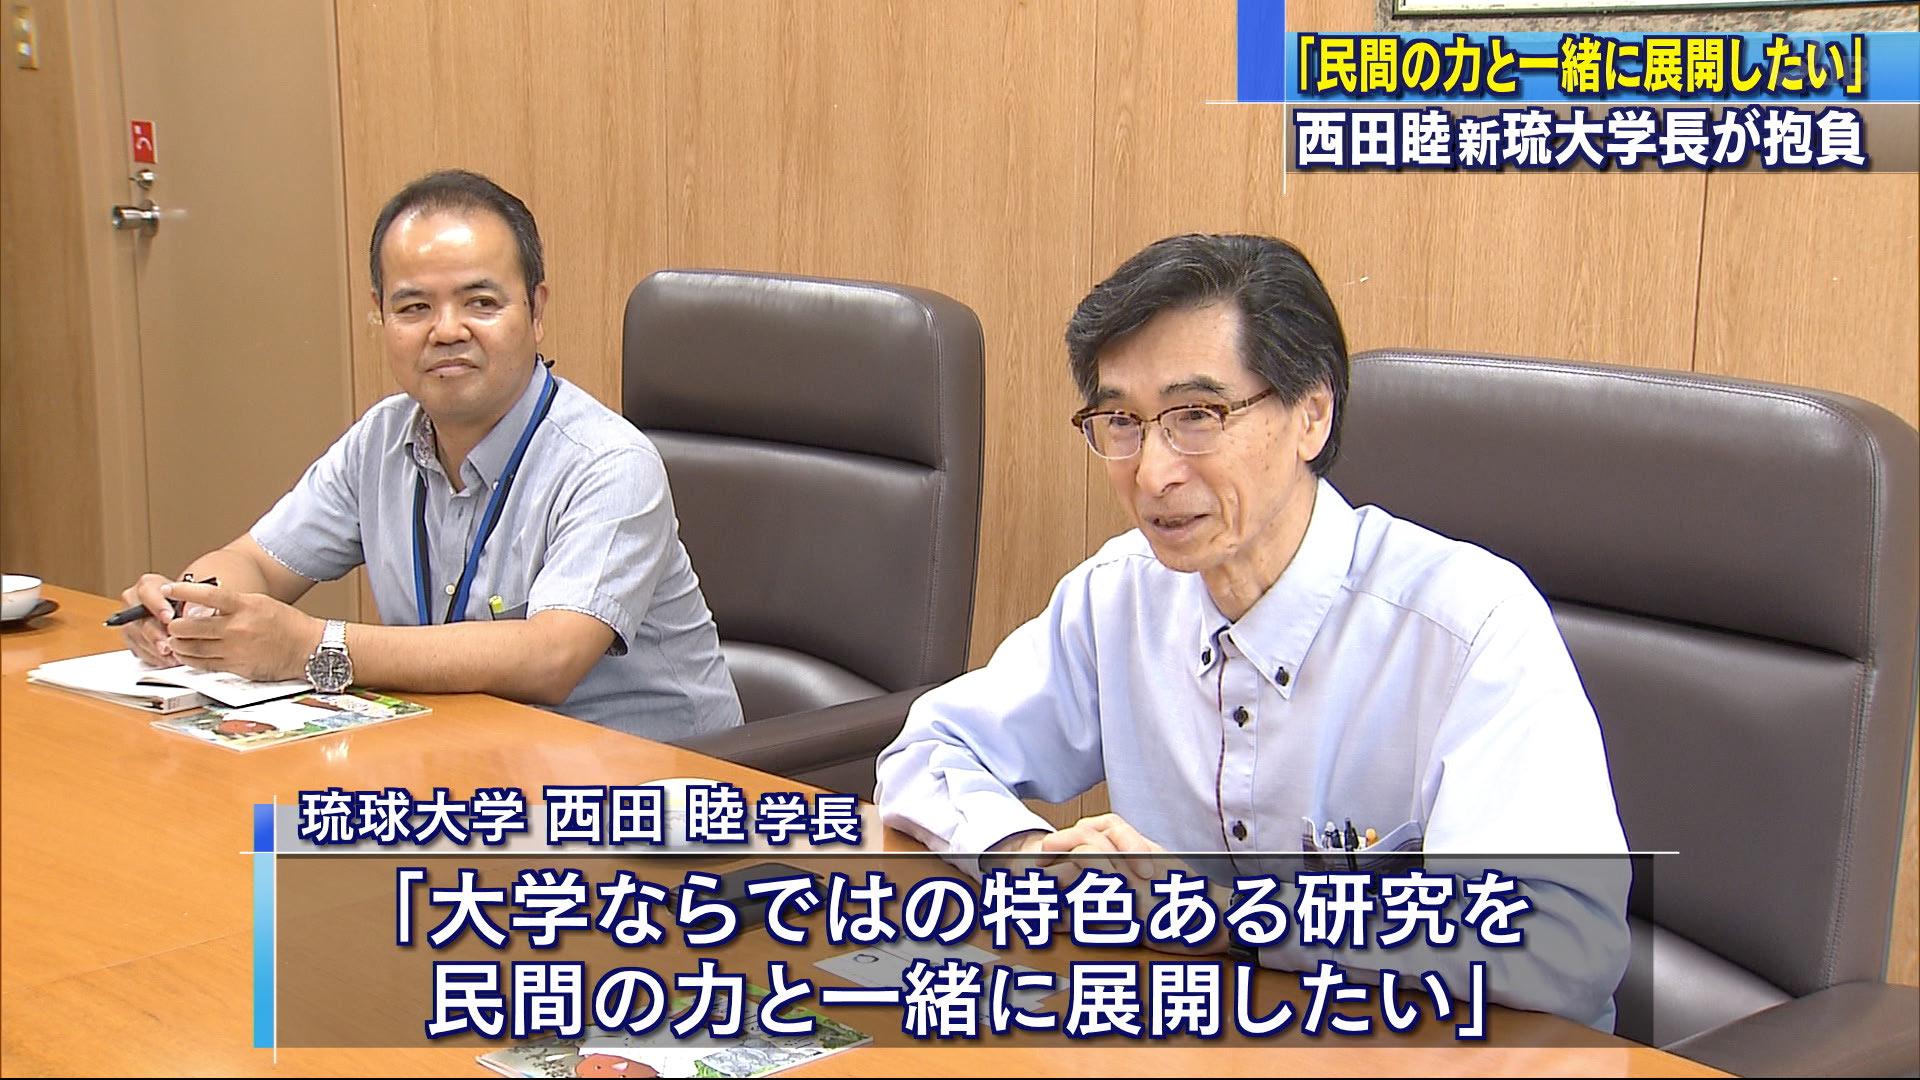 琉球大学西田睦新学長「民間の力と特色ある研究を」